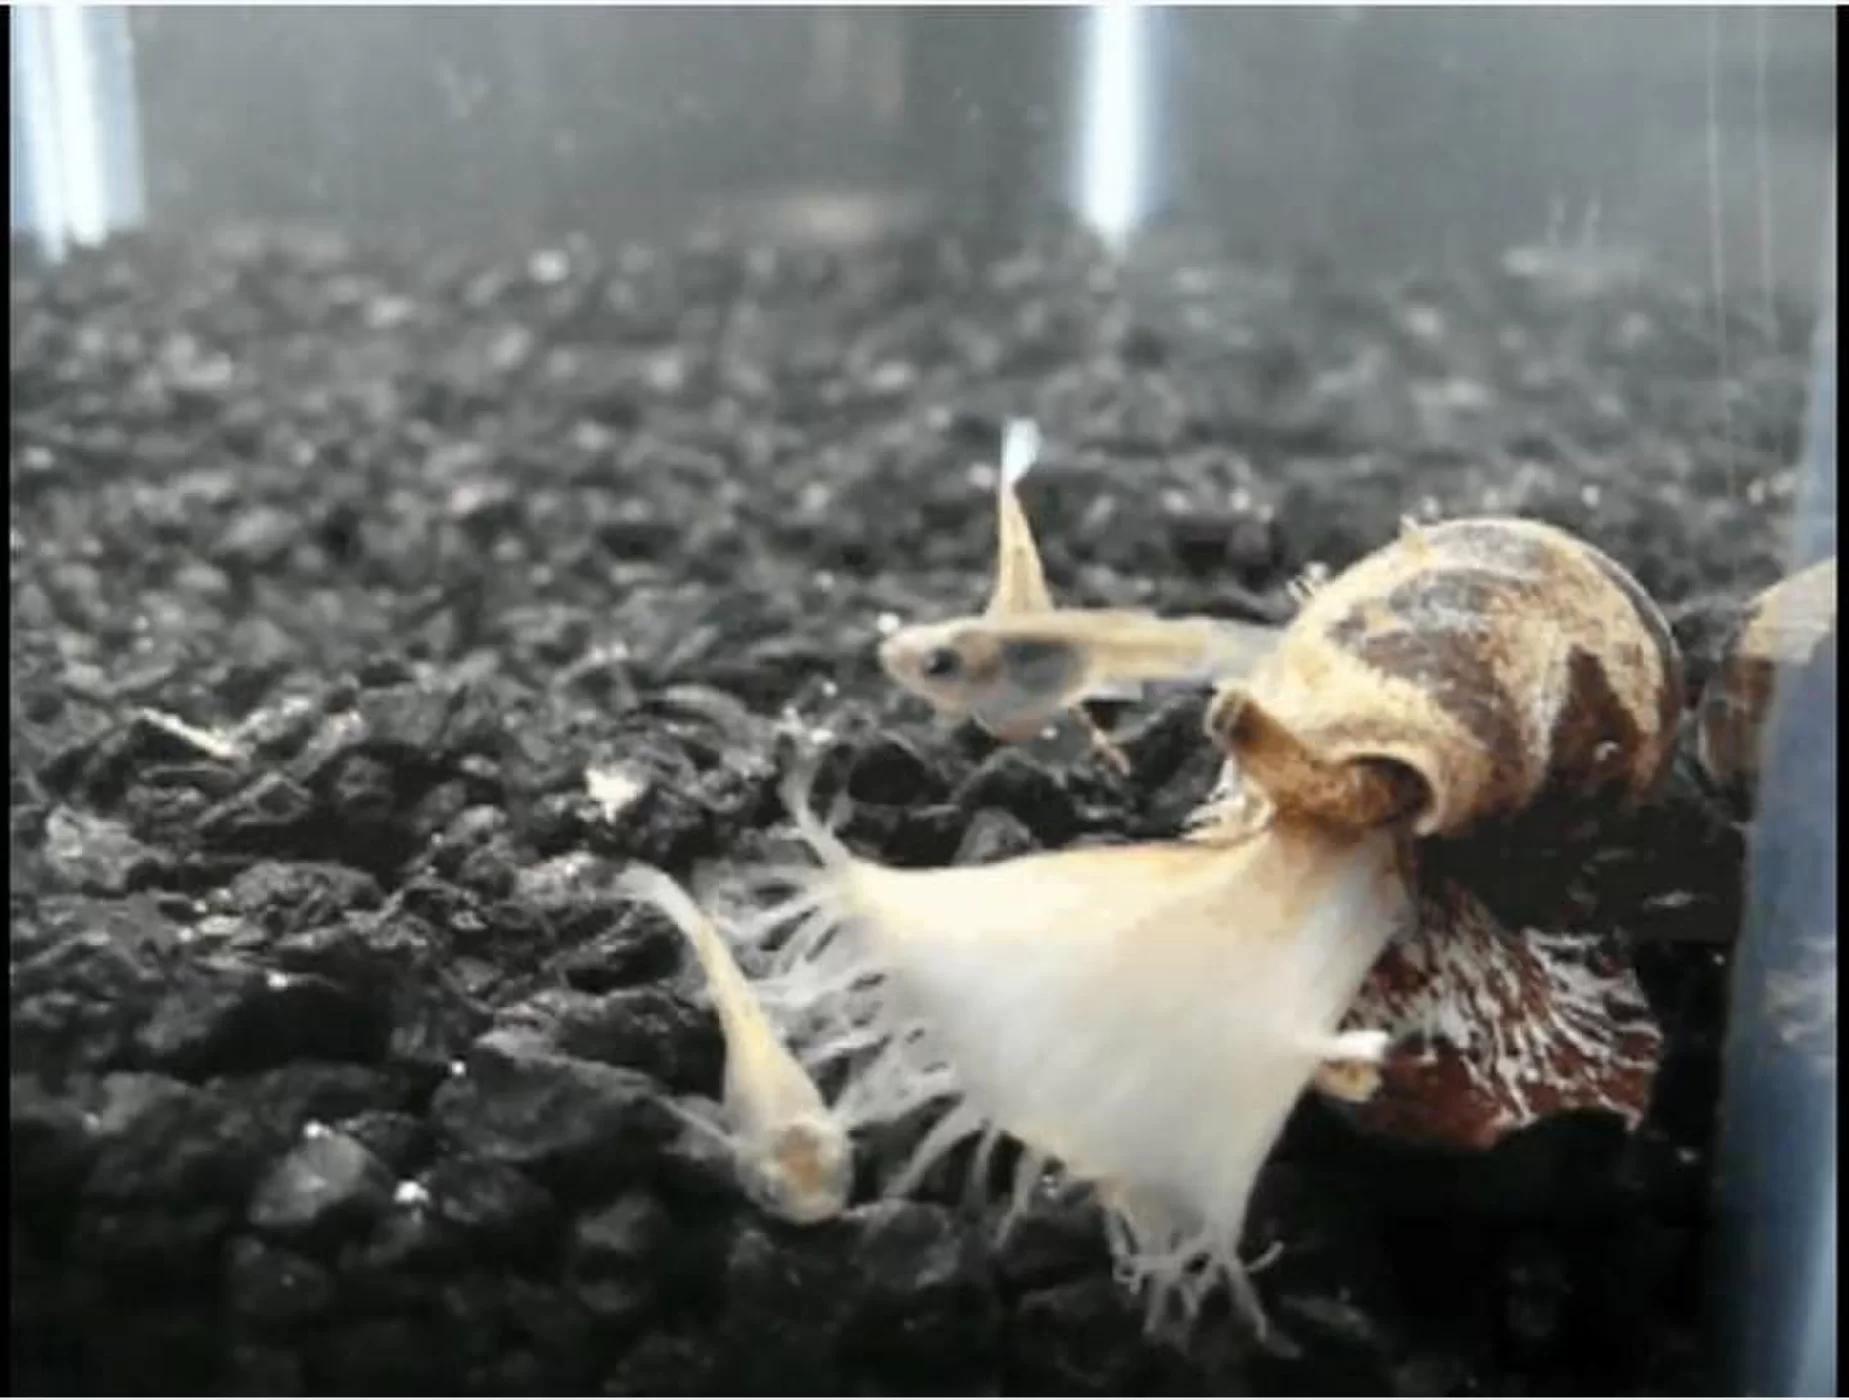 蜘蛛 蝎子 蜈蚣 锥形蜗牛,这些毒物竟成救命良药